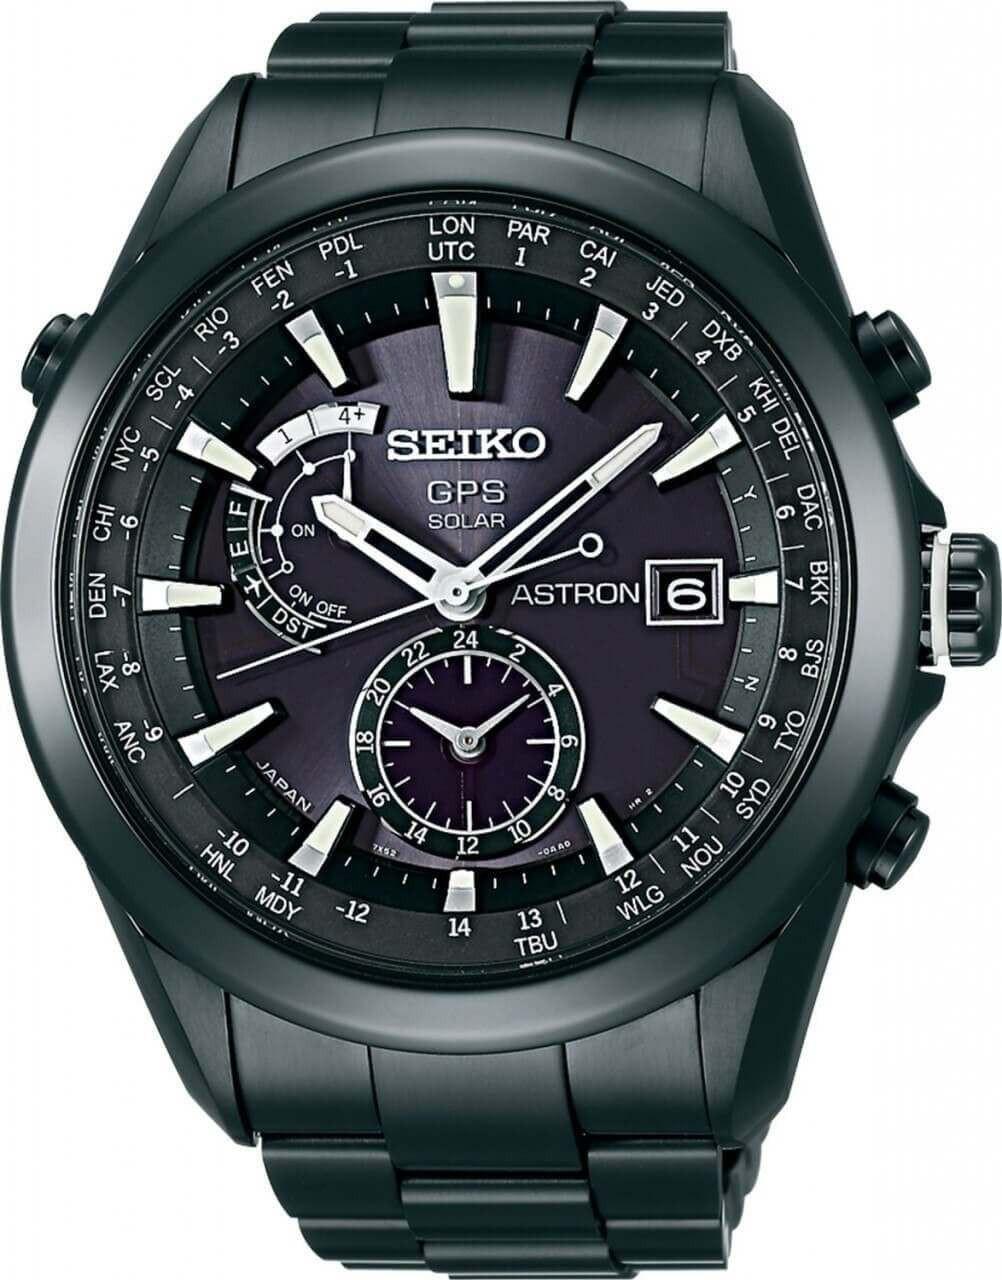 Seiko Astron SAST007G High Intensity Titanium (SAST007)